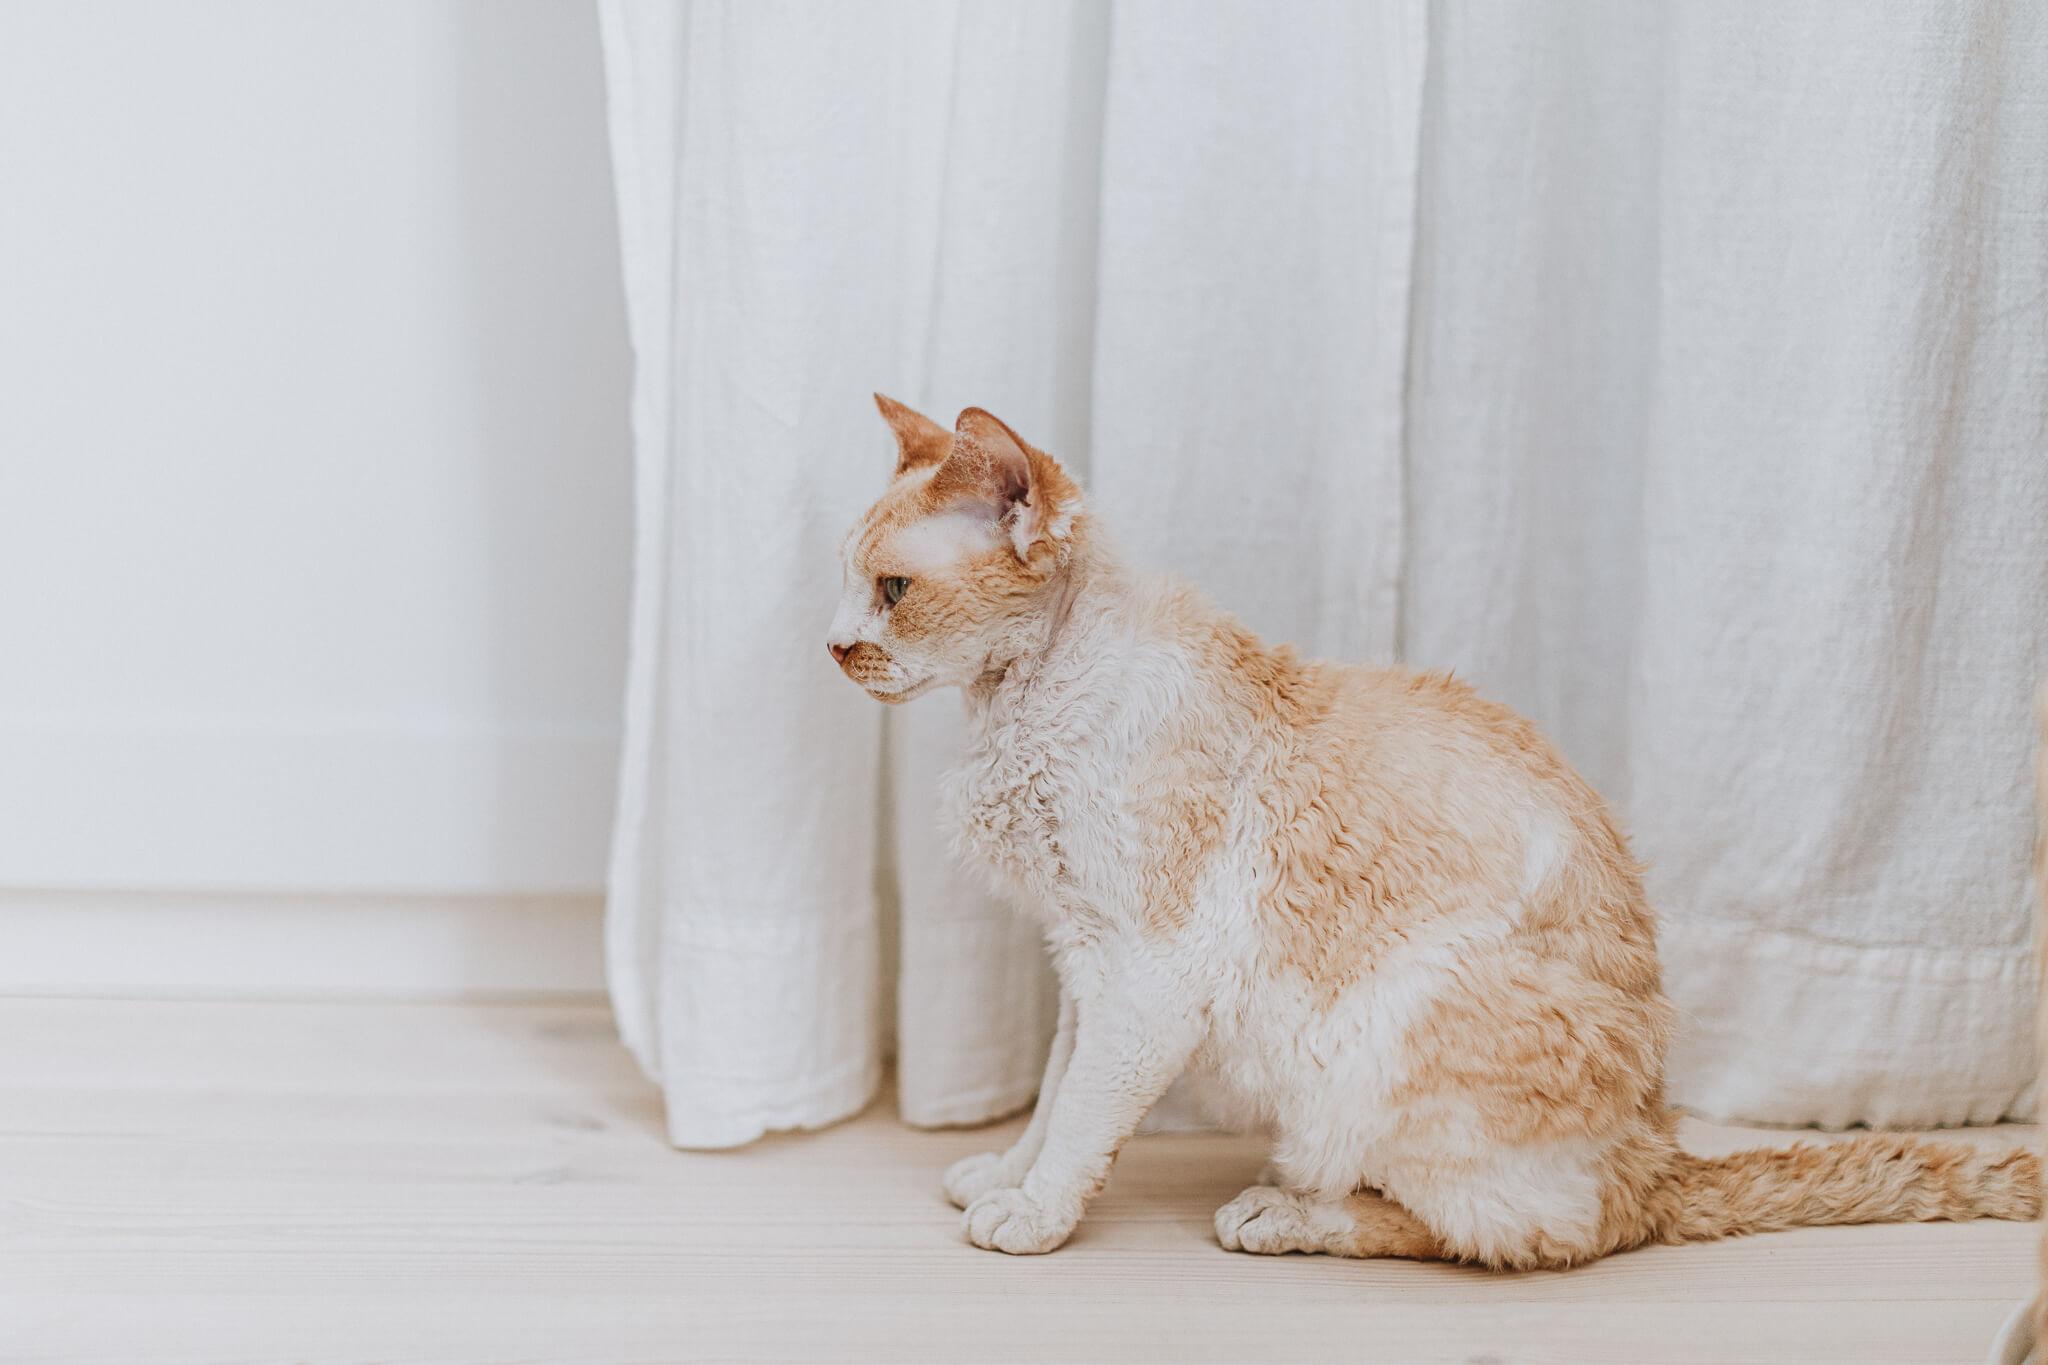 Heledates toonides foto kassist, kes seisab valgel põrandal, valgete kardinat ees.